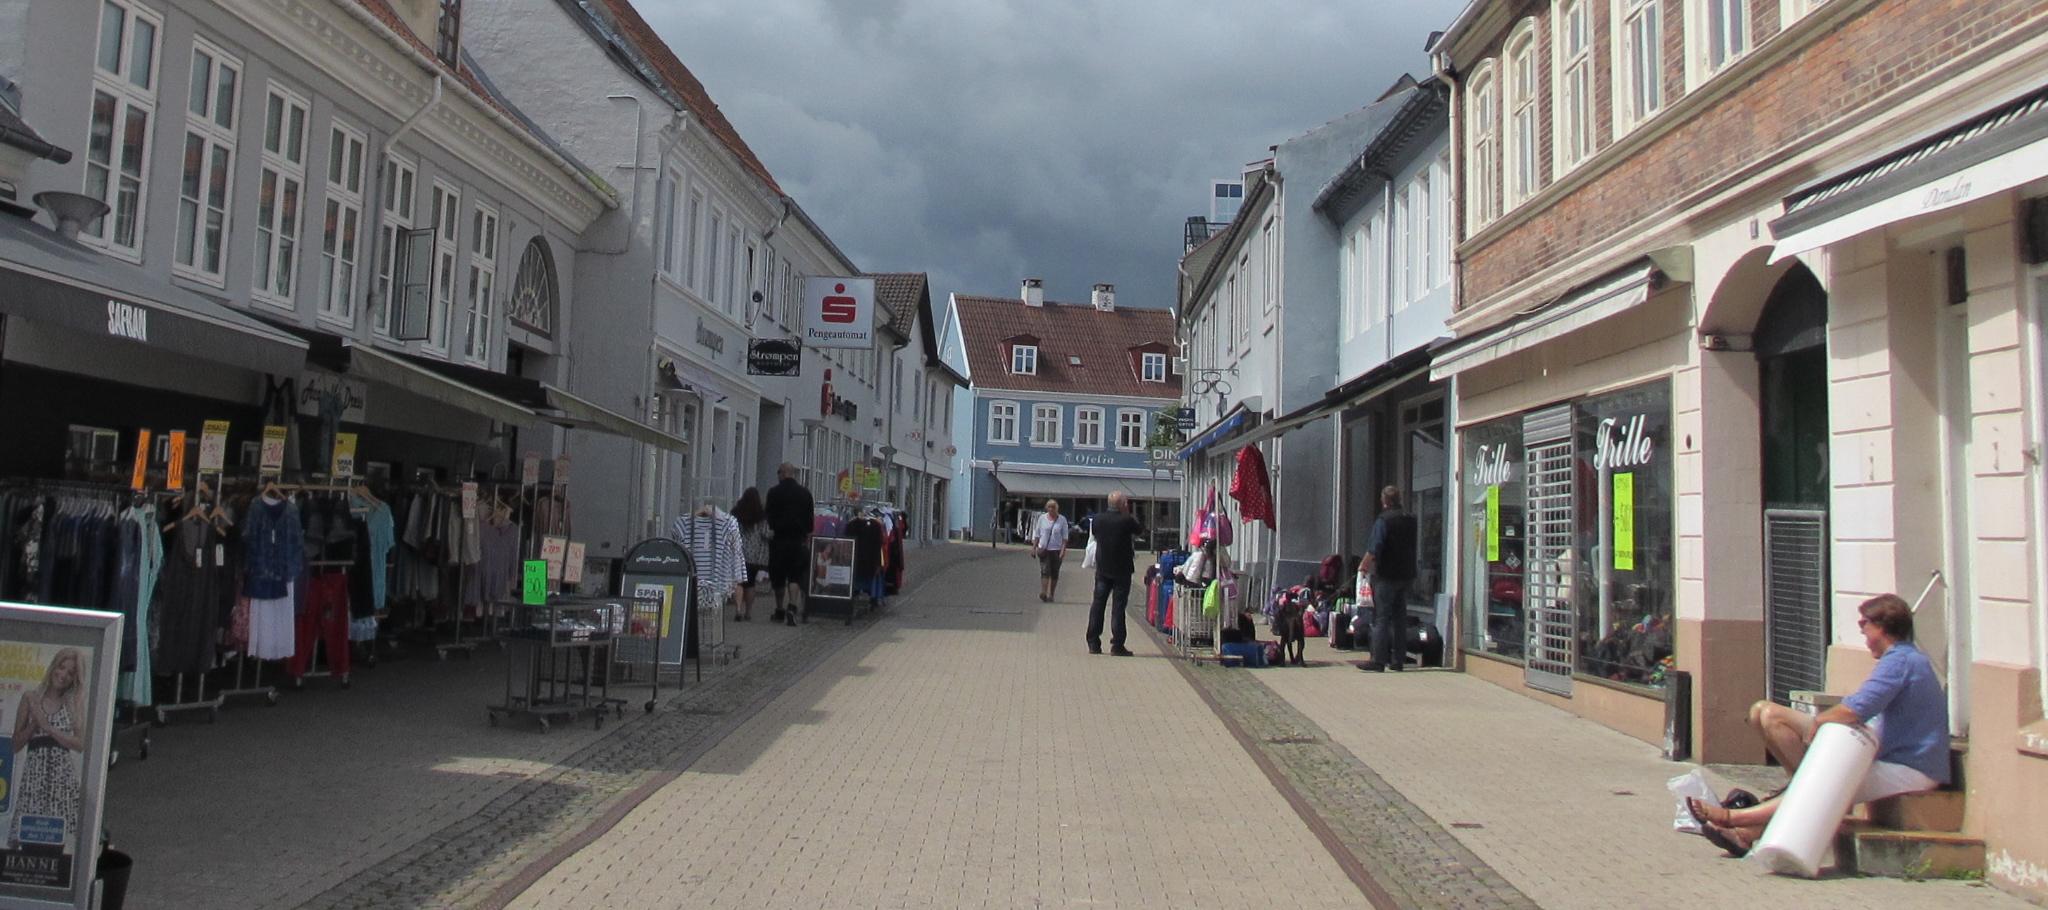 hyggelige strøgture i de sjællandske gader